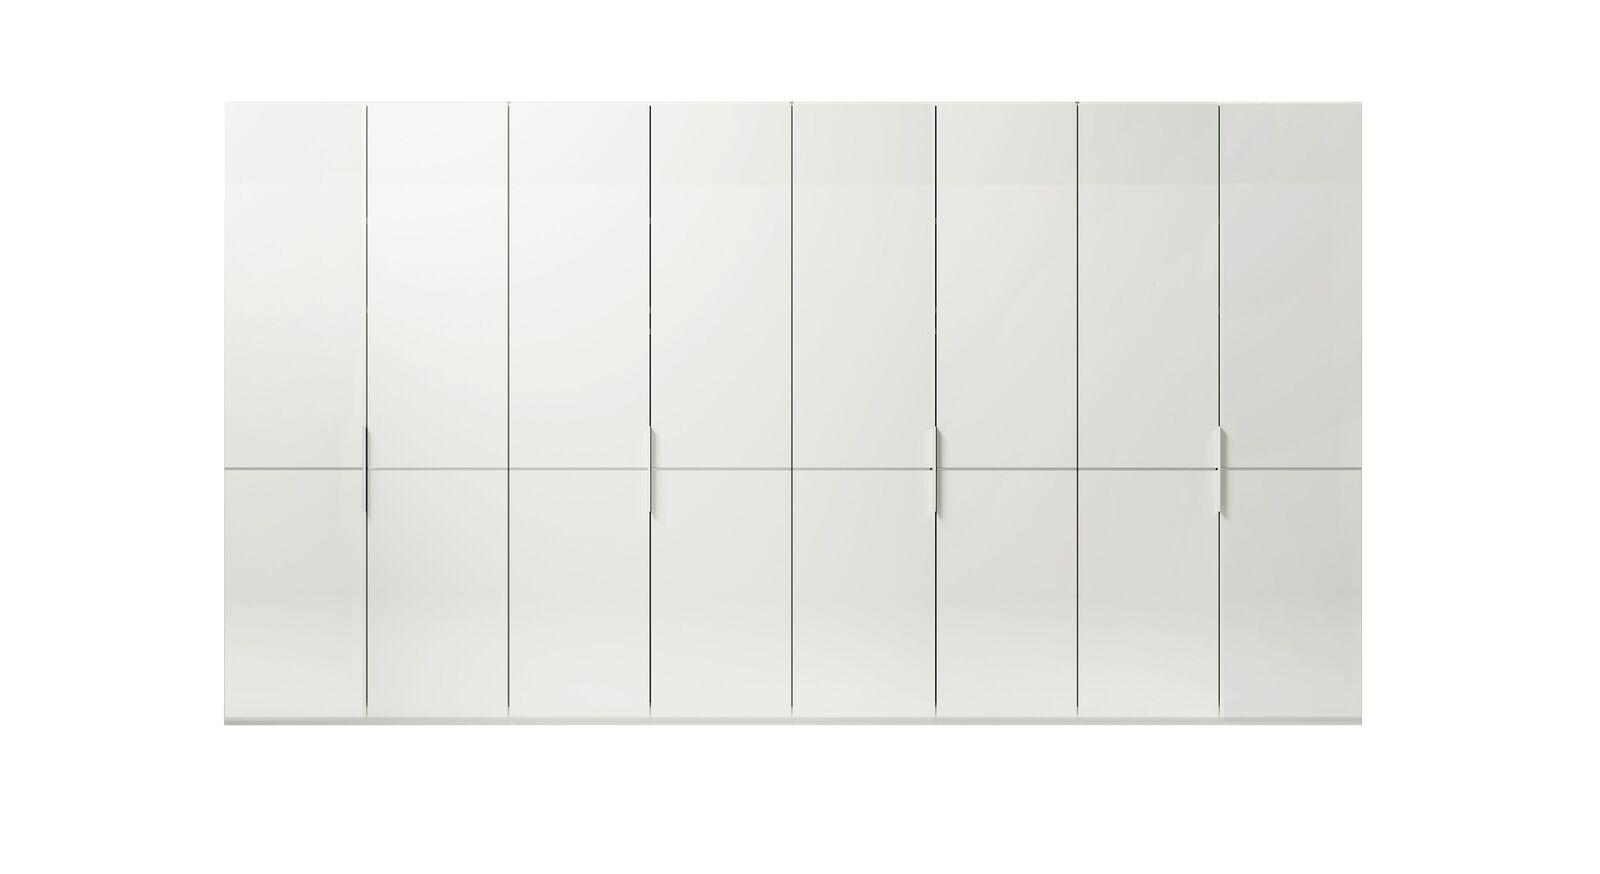 8-türiger GALLERY M Drehtüren-Kleiderschrank IMOLA W Weiß ohne Spiegel